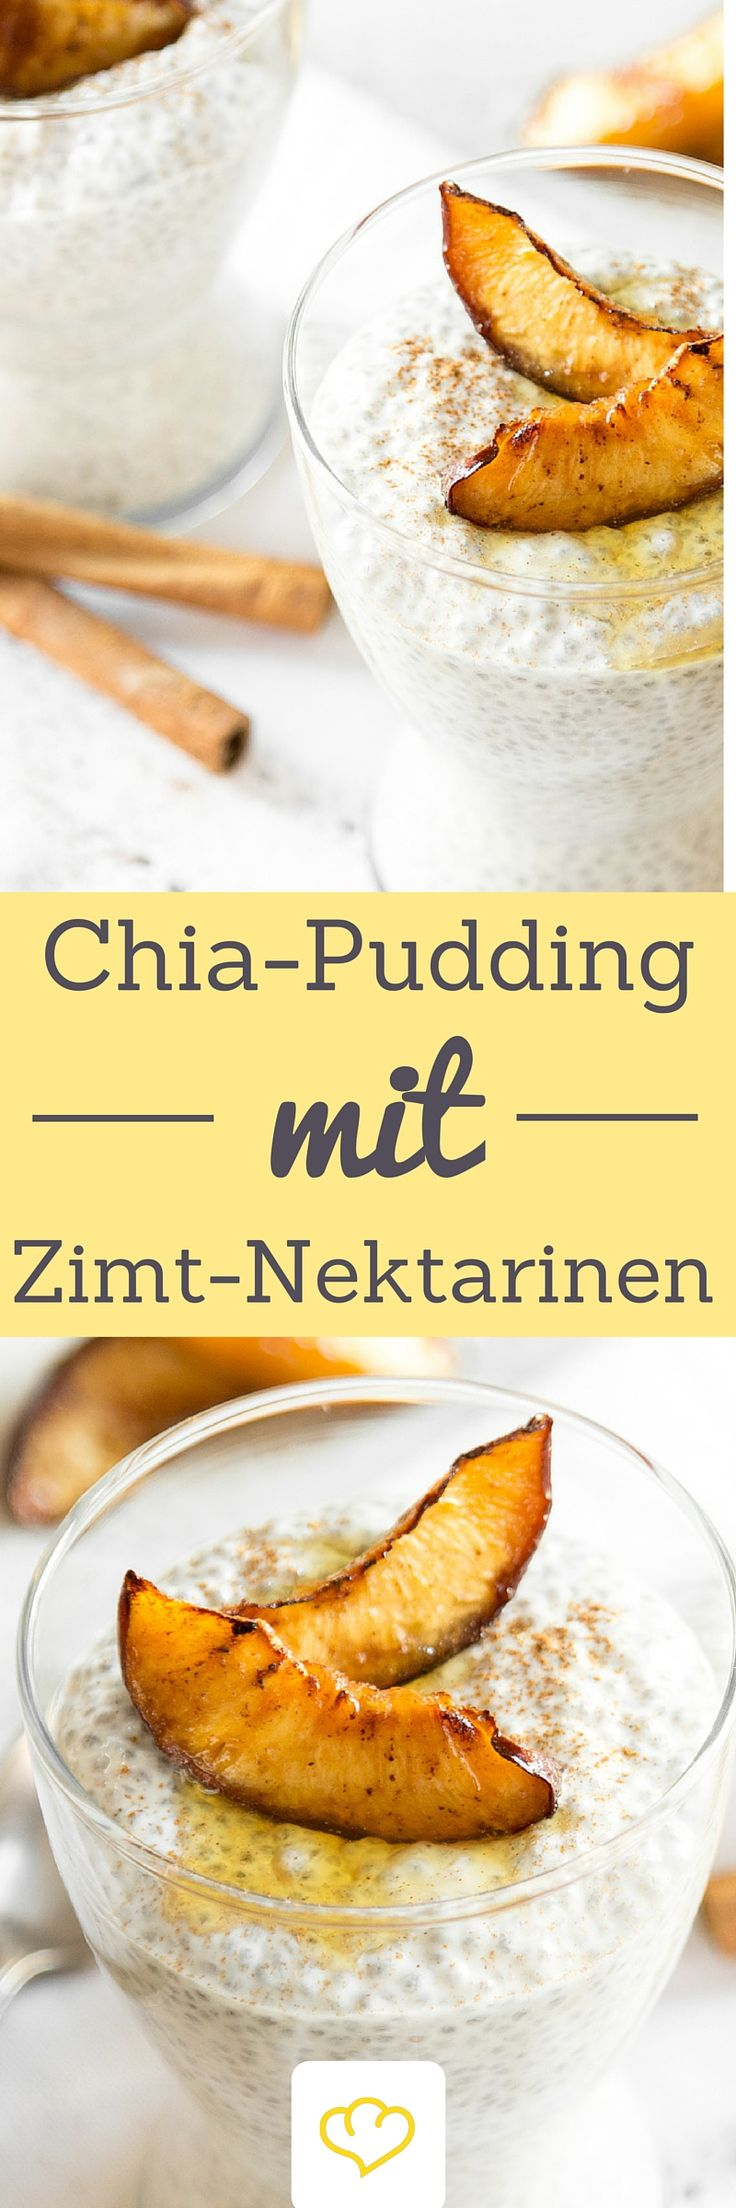 Chia-Pudding mit Mandelmilch und griechischem Joghurt? Gute Idee. Dazu geröstete Nektarinen? Noch besser! Sie werden mit Zimt und Ahornsirup verfeinert, der in der Pfanne karamellisiert. Zum Reinsetzen gut!